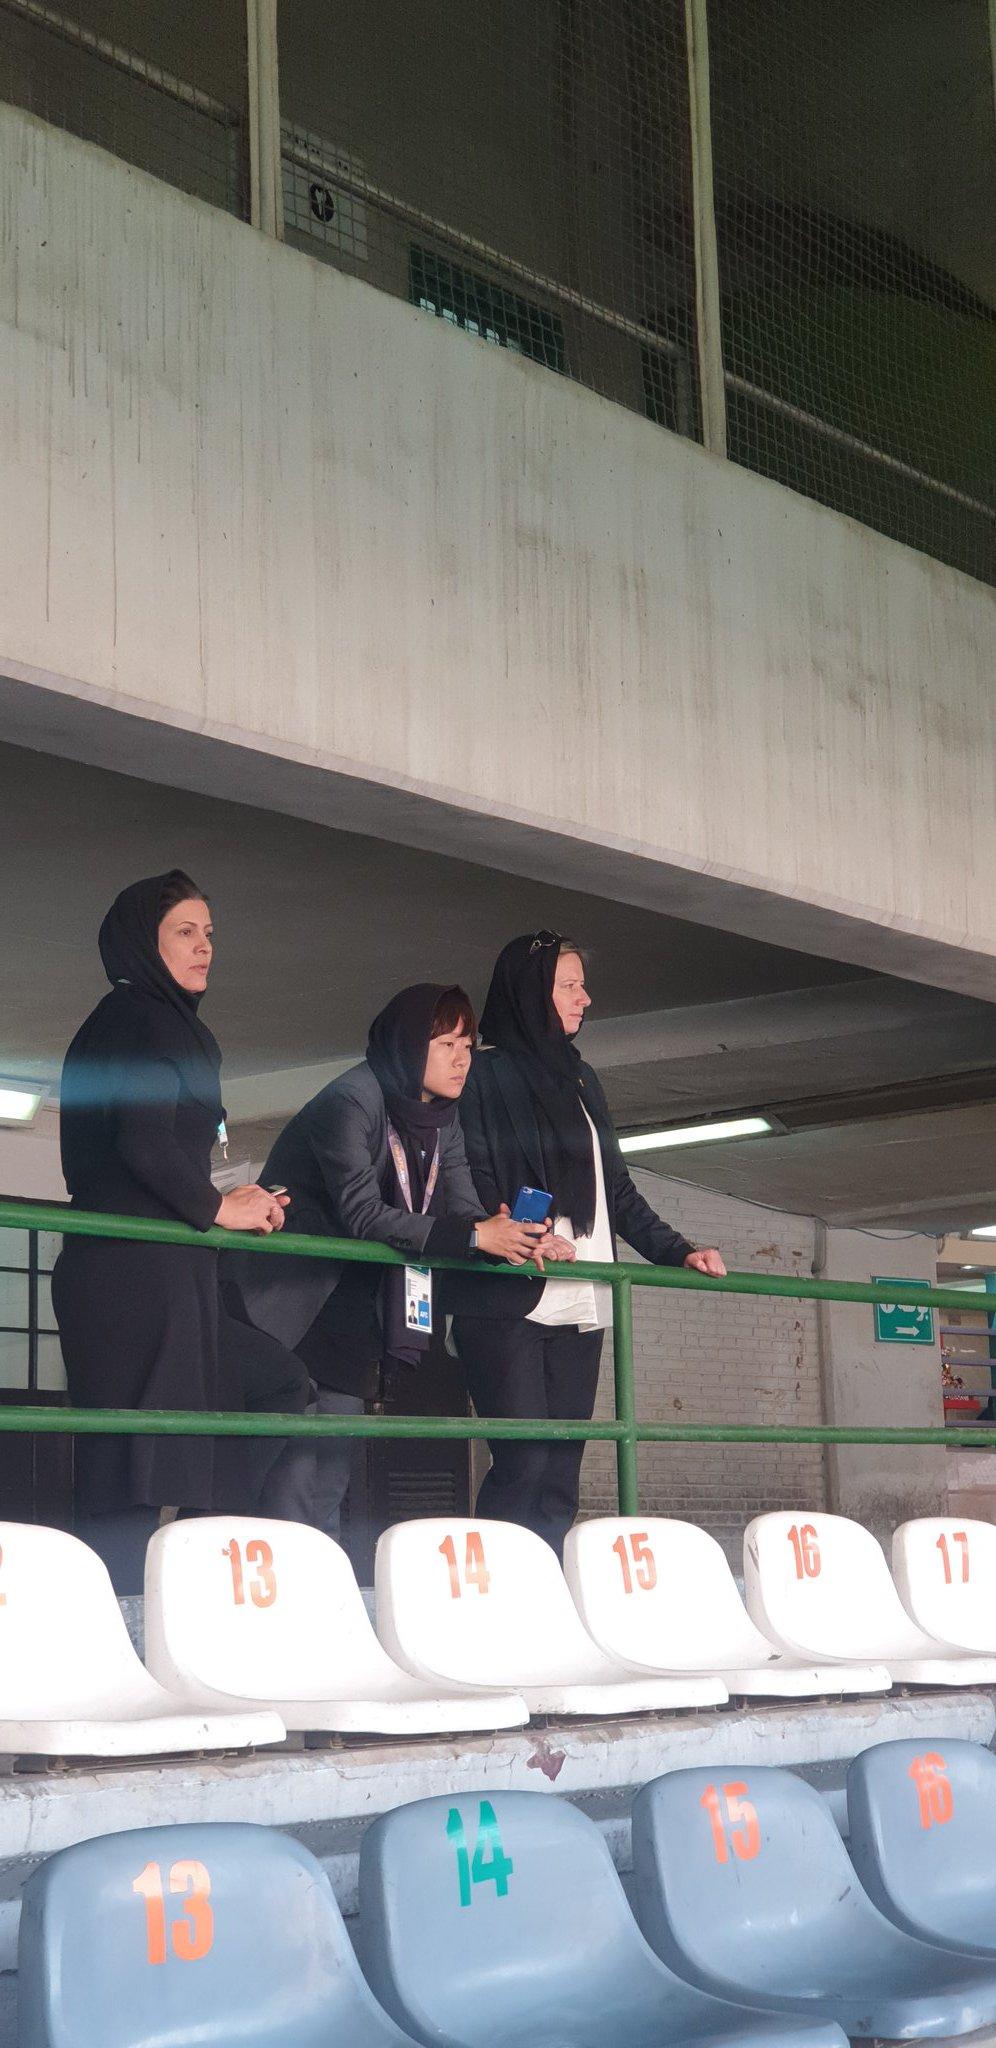 روایتی پر جزییات از حضور زنان در ورزشگاه [+تصاویر]